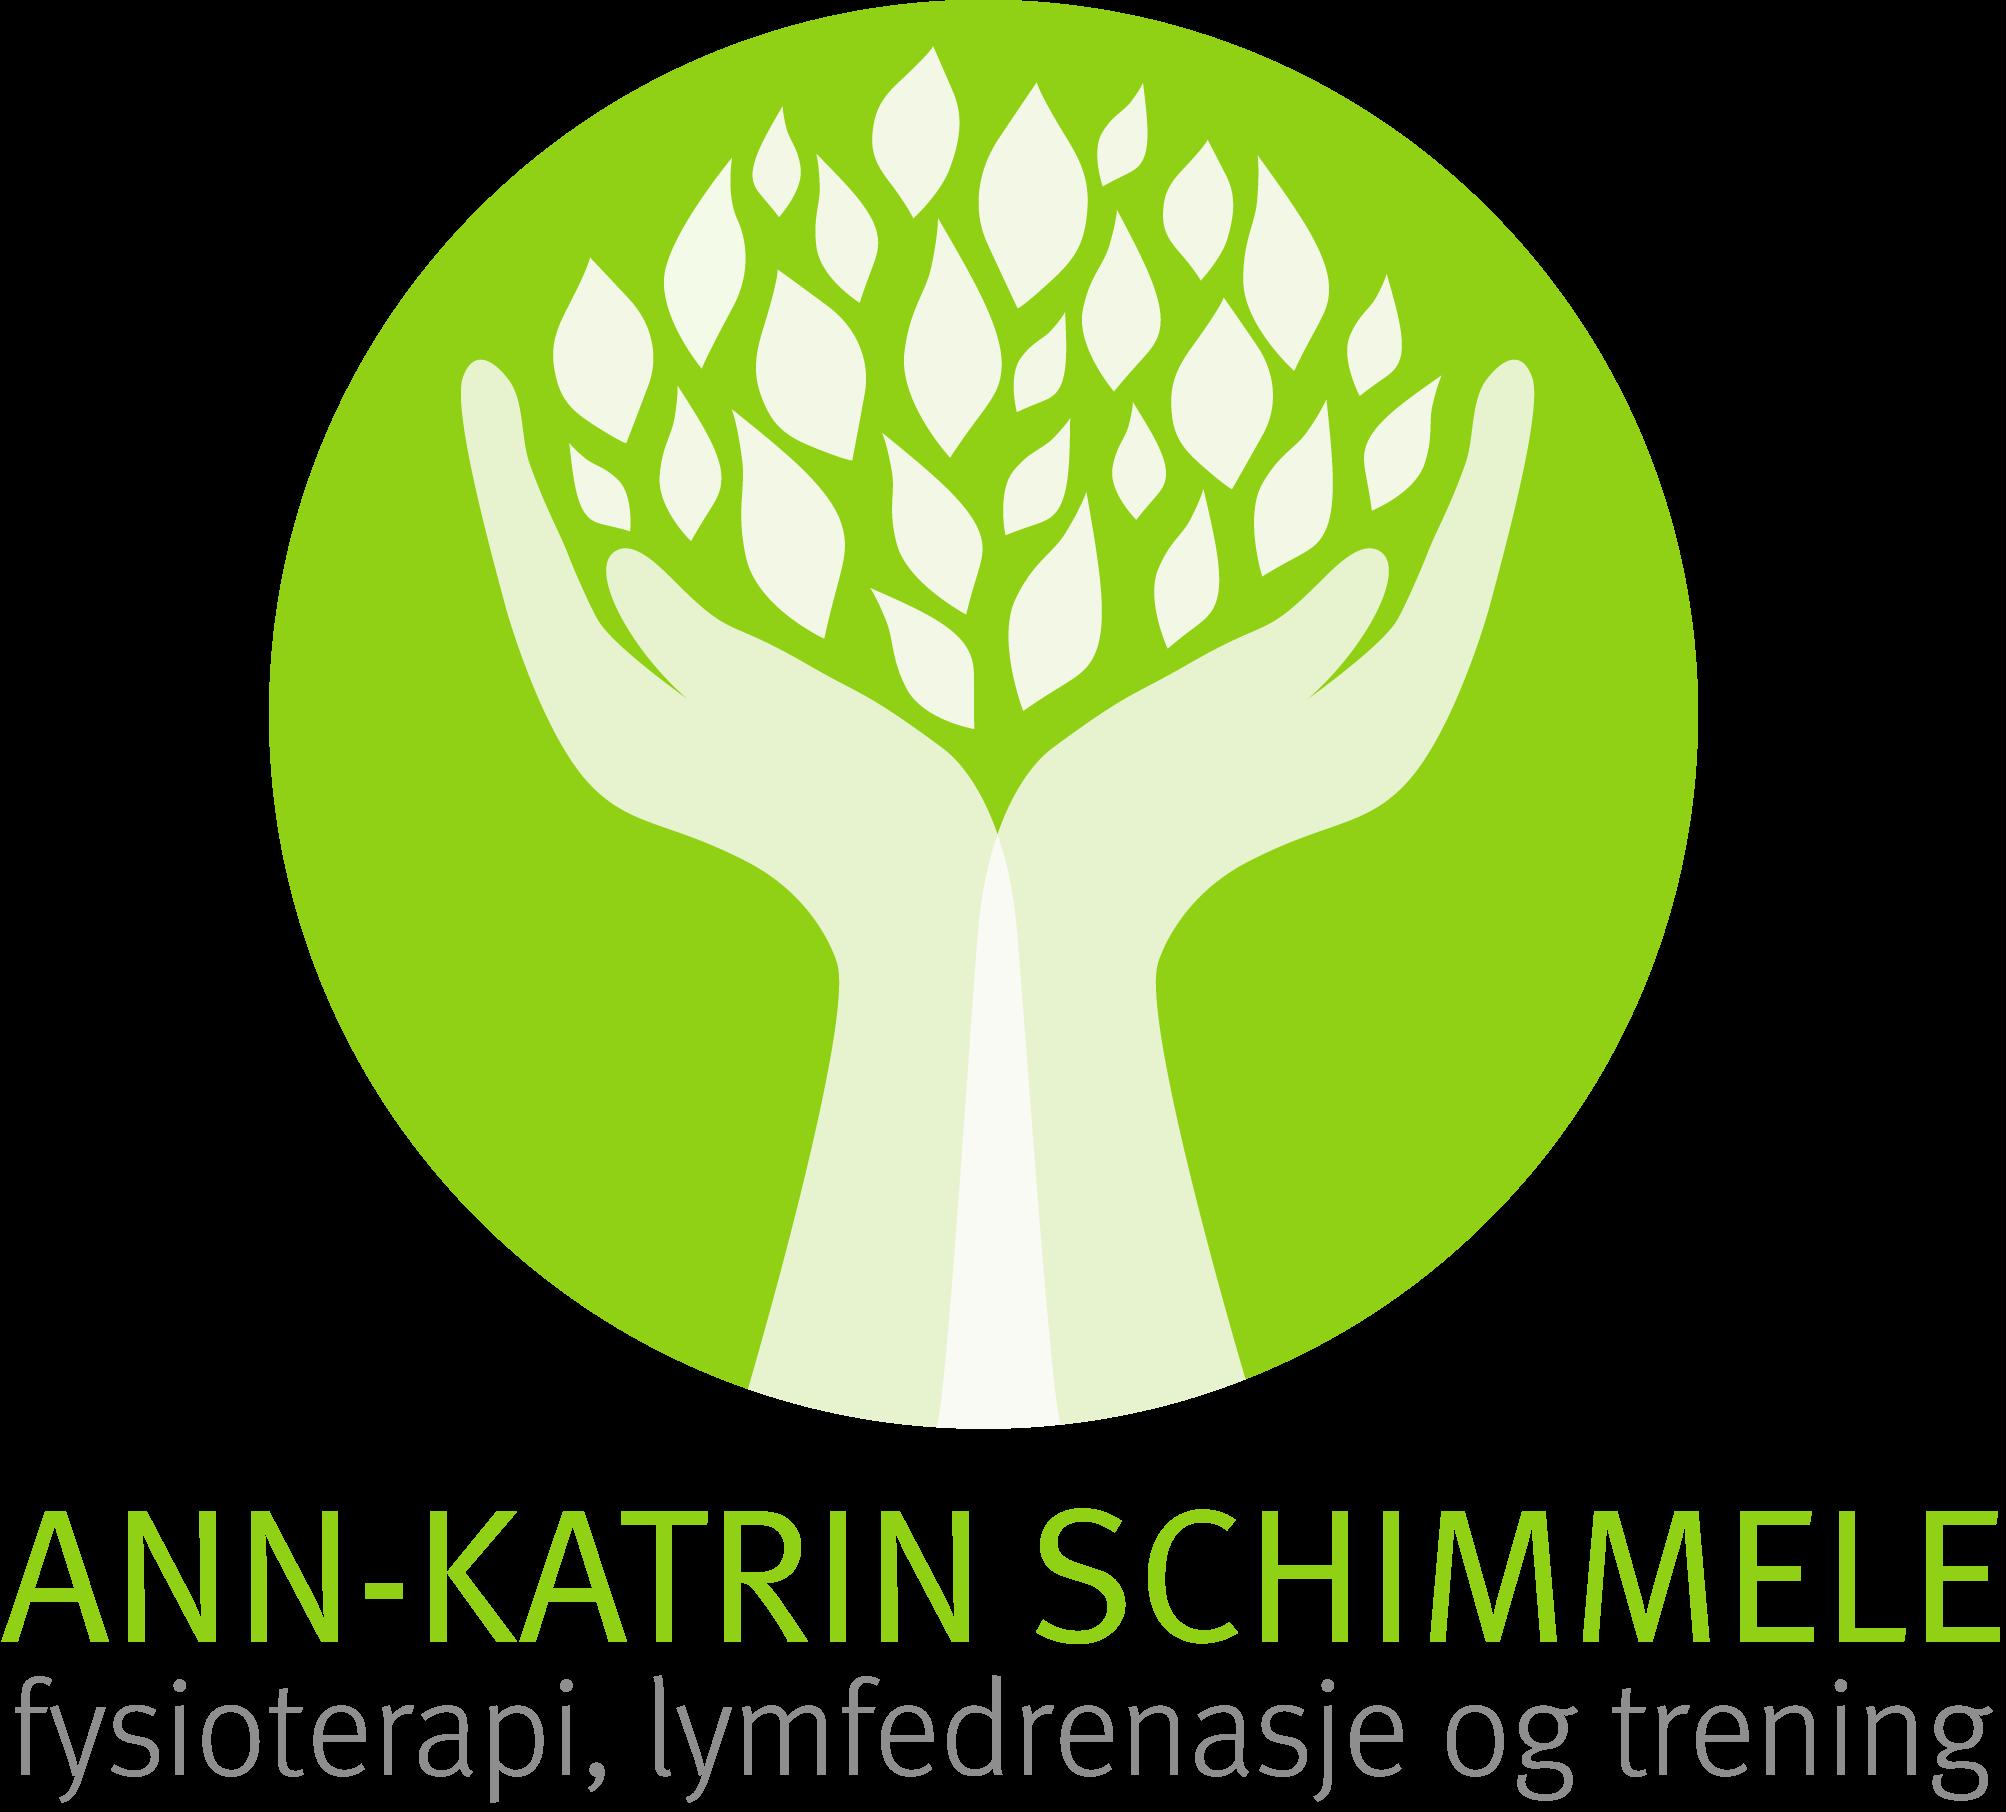 Ann-Katrin Schimmele